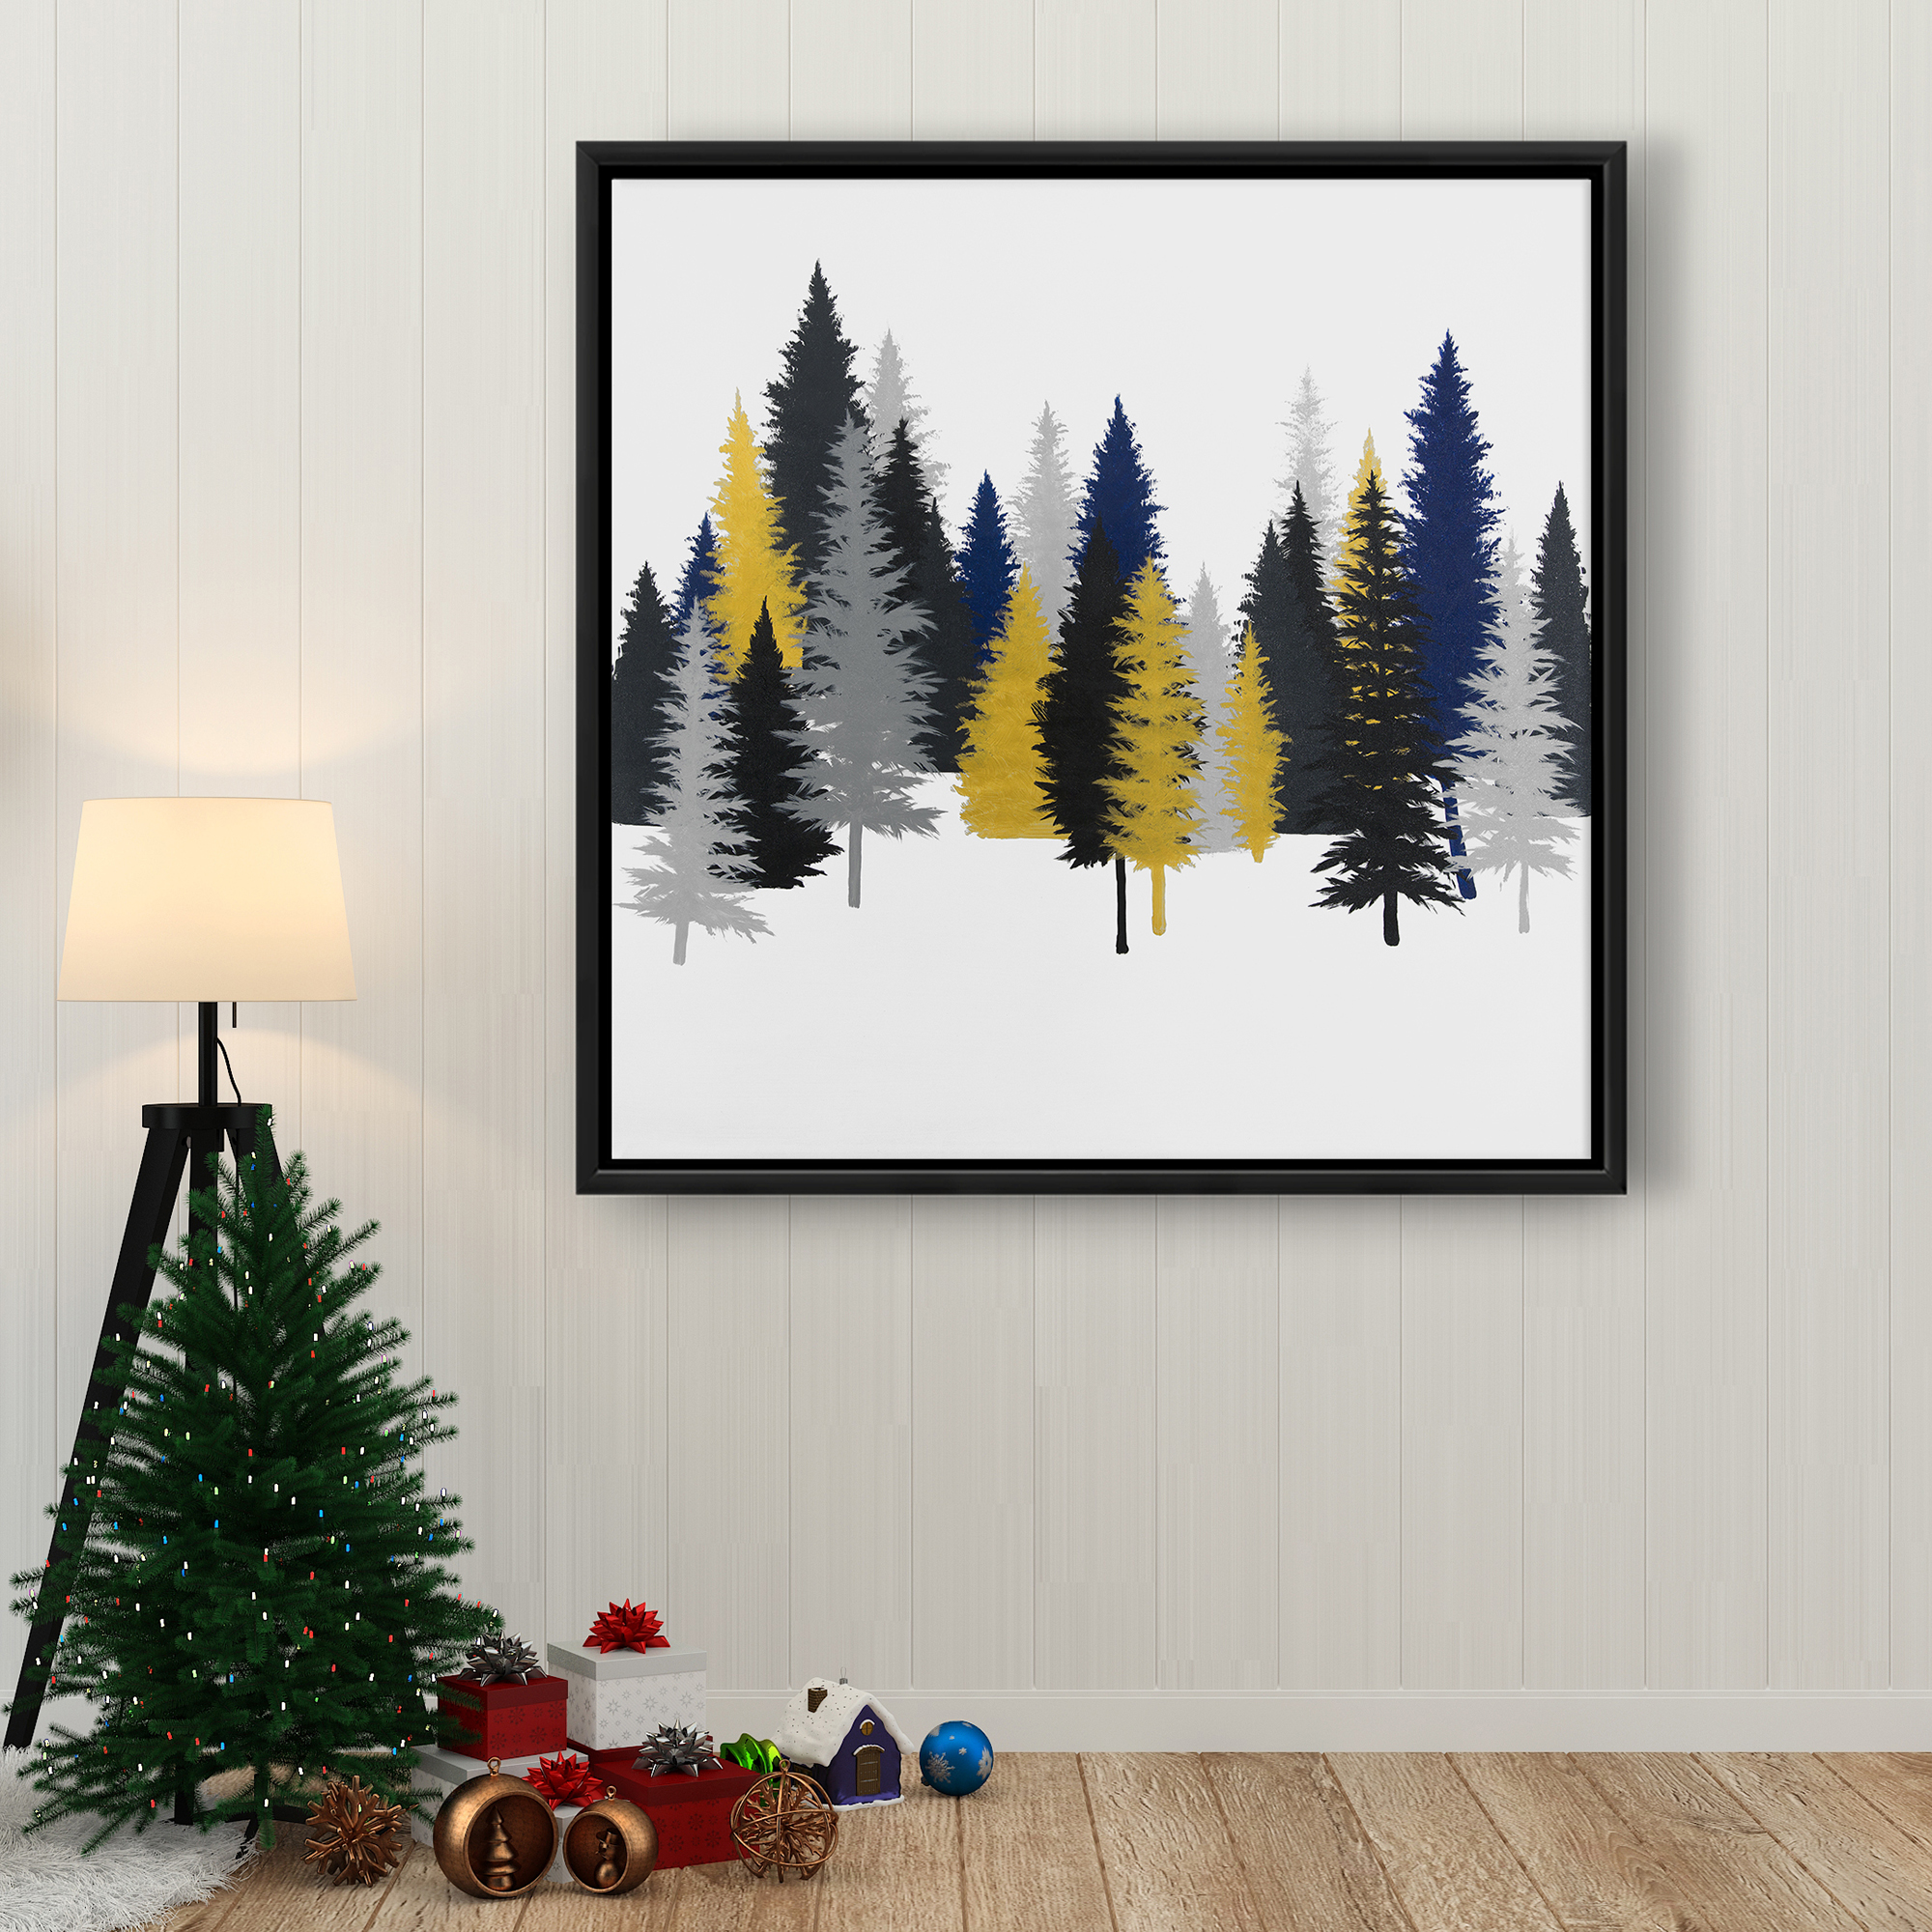 Framed 36 x 36 - Golden fir